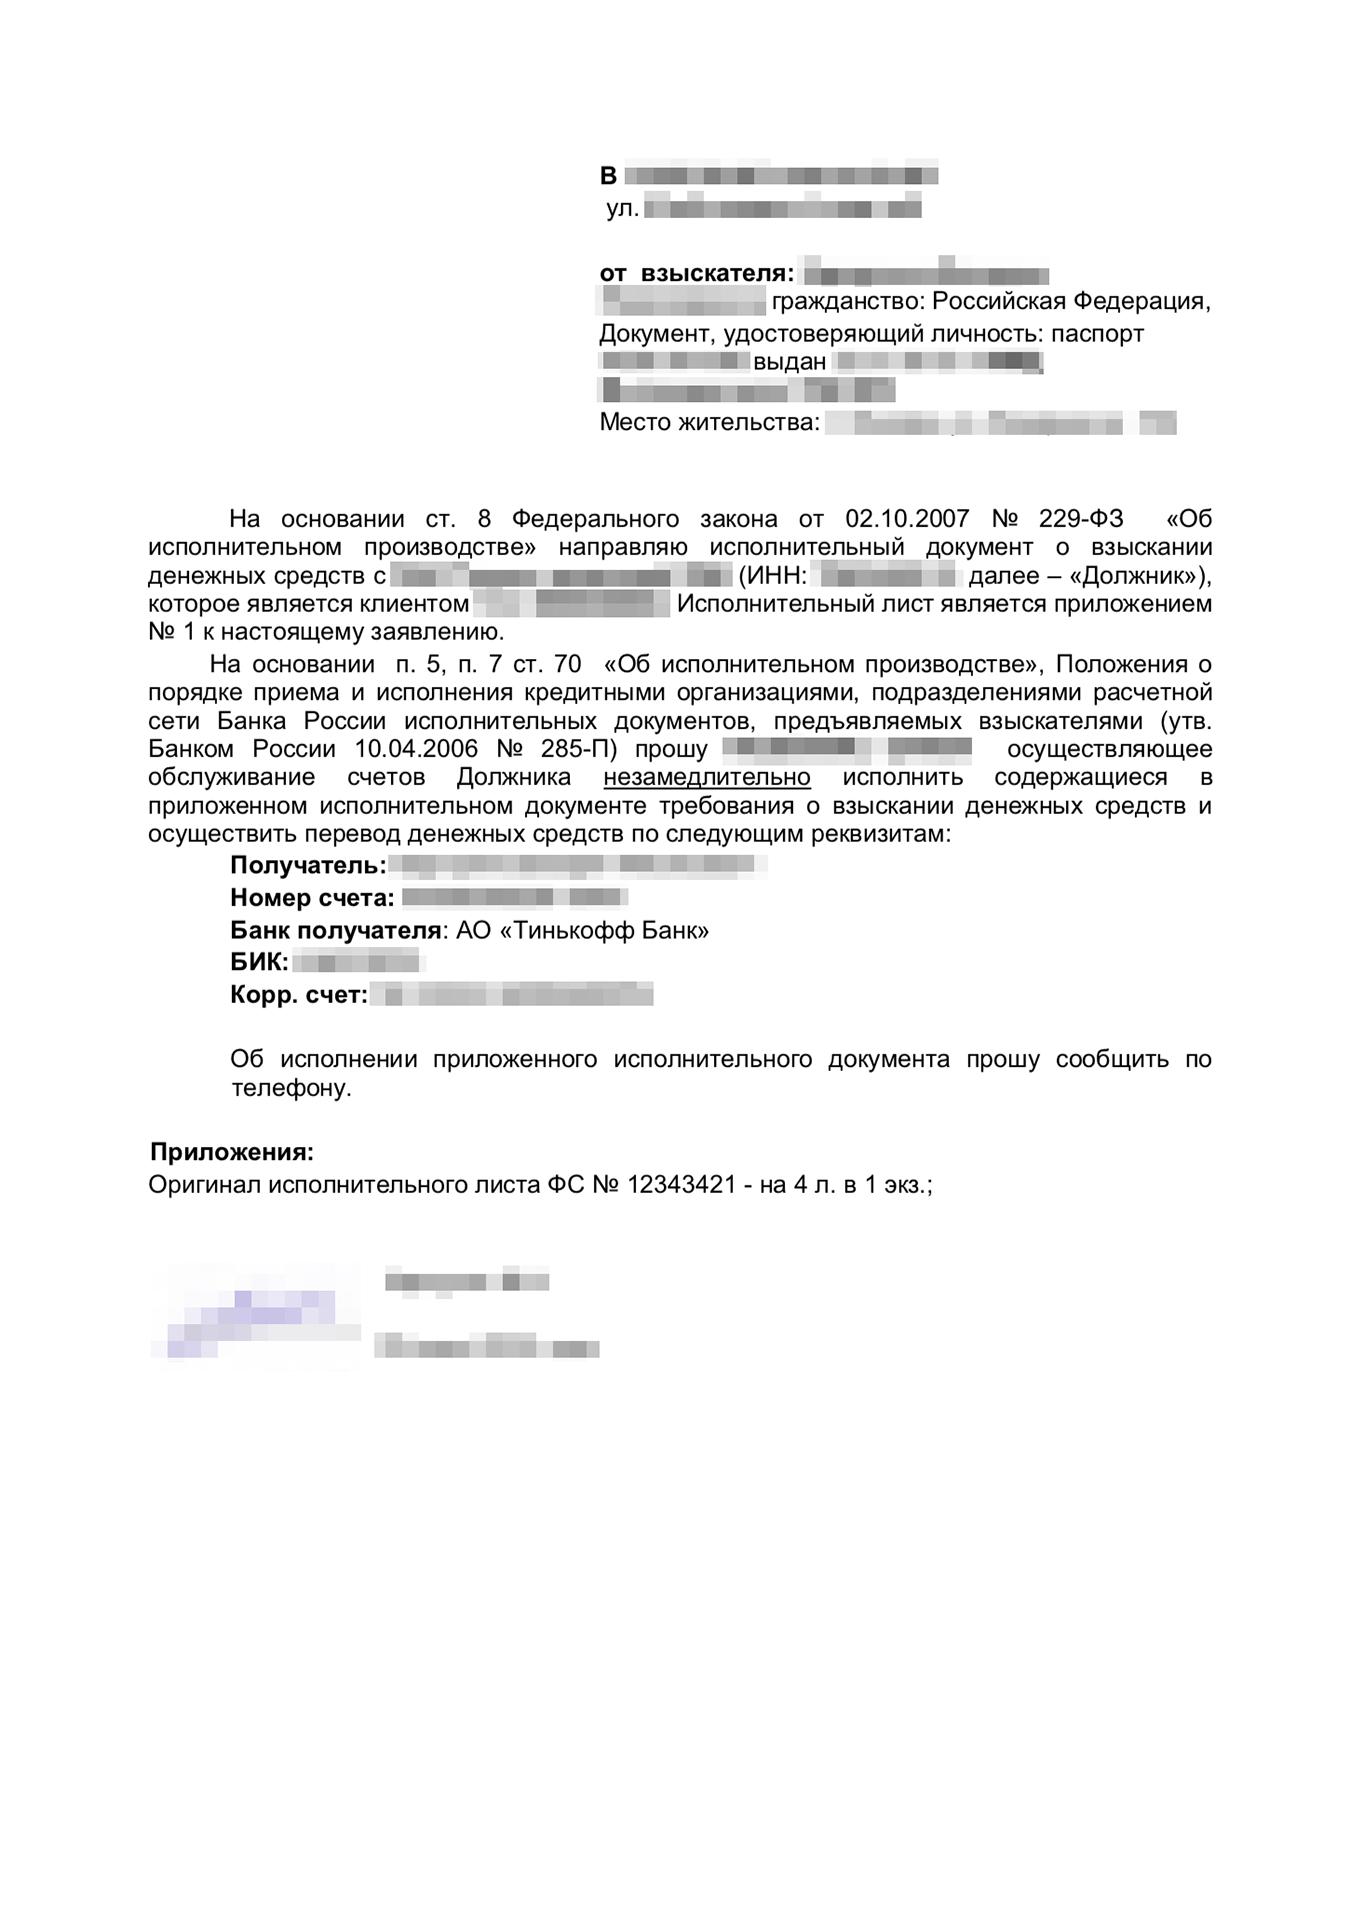 Заявление в банк об исполнении решения суда